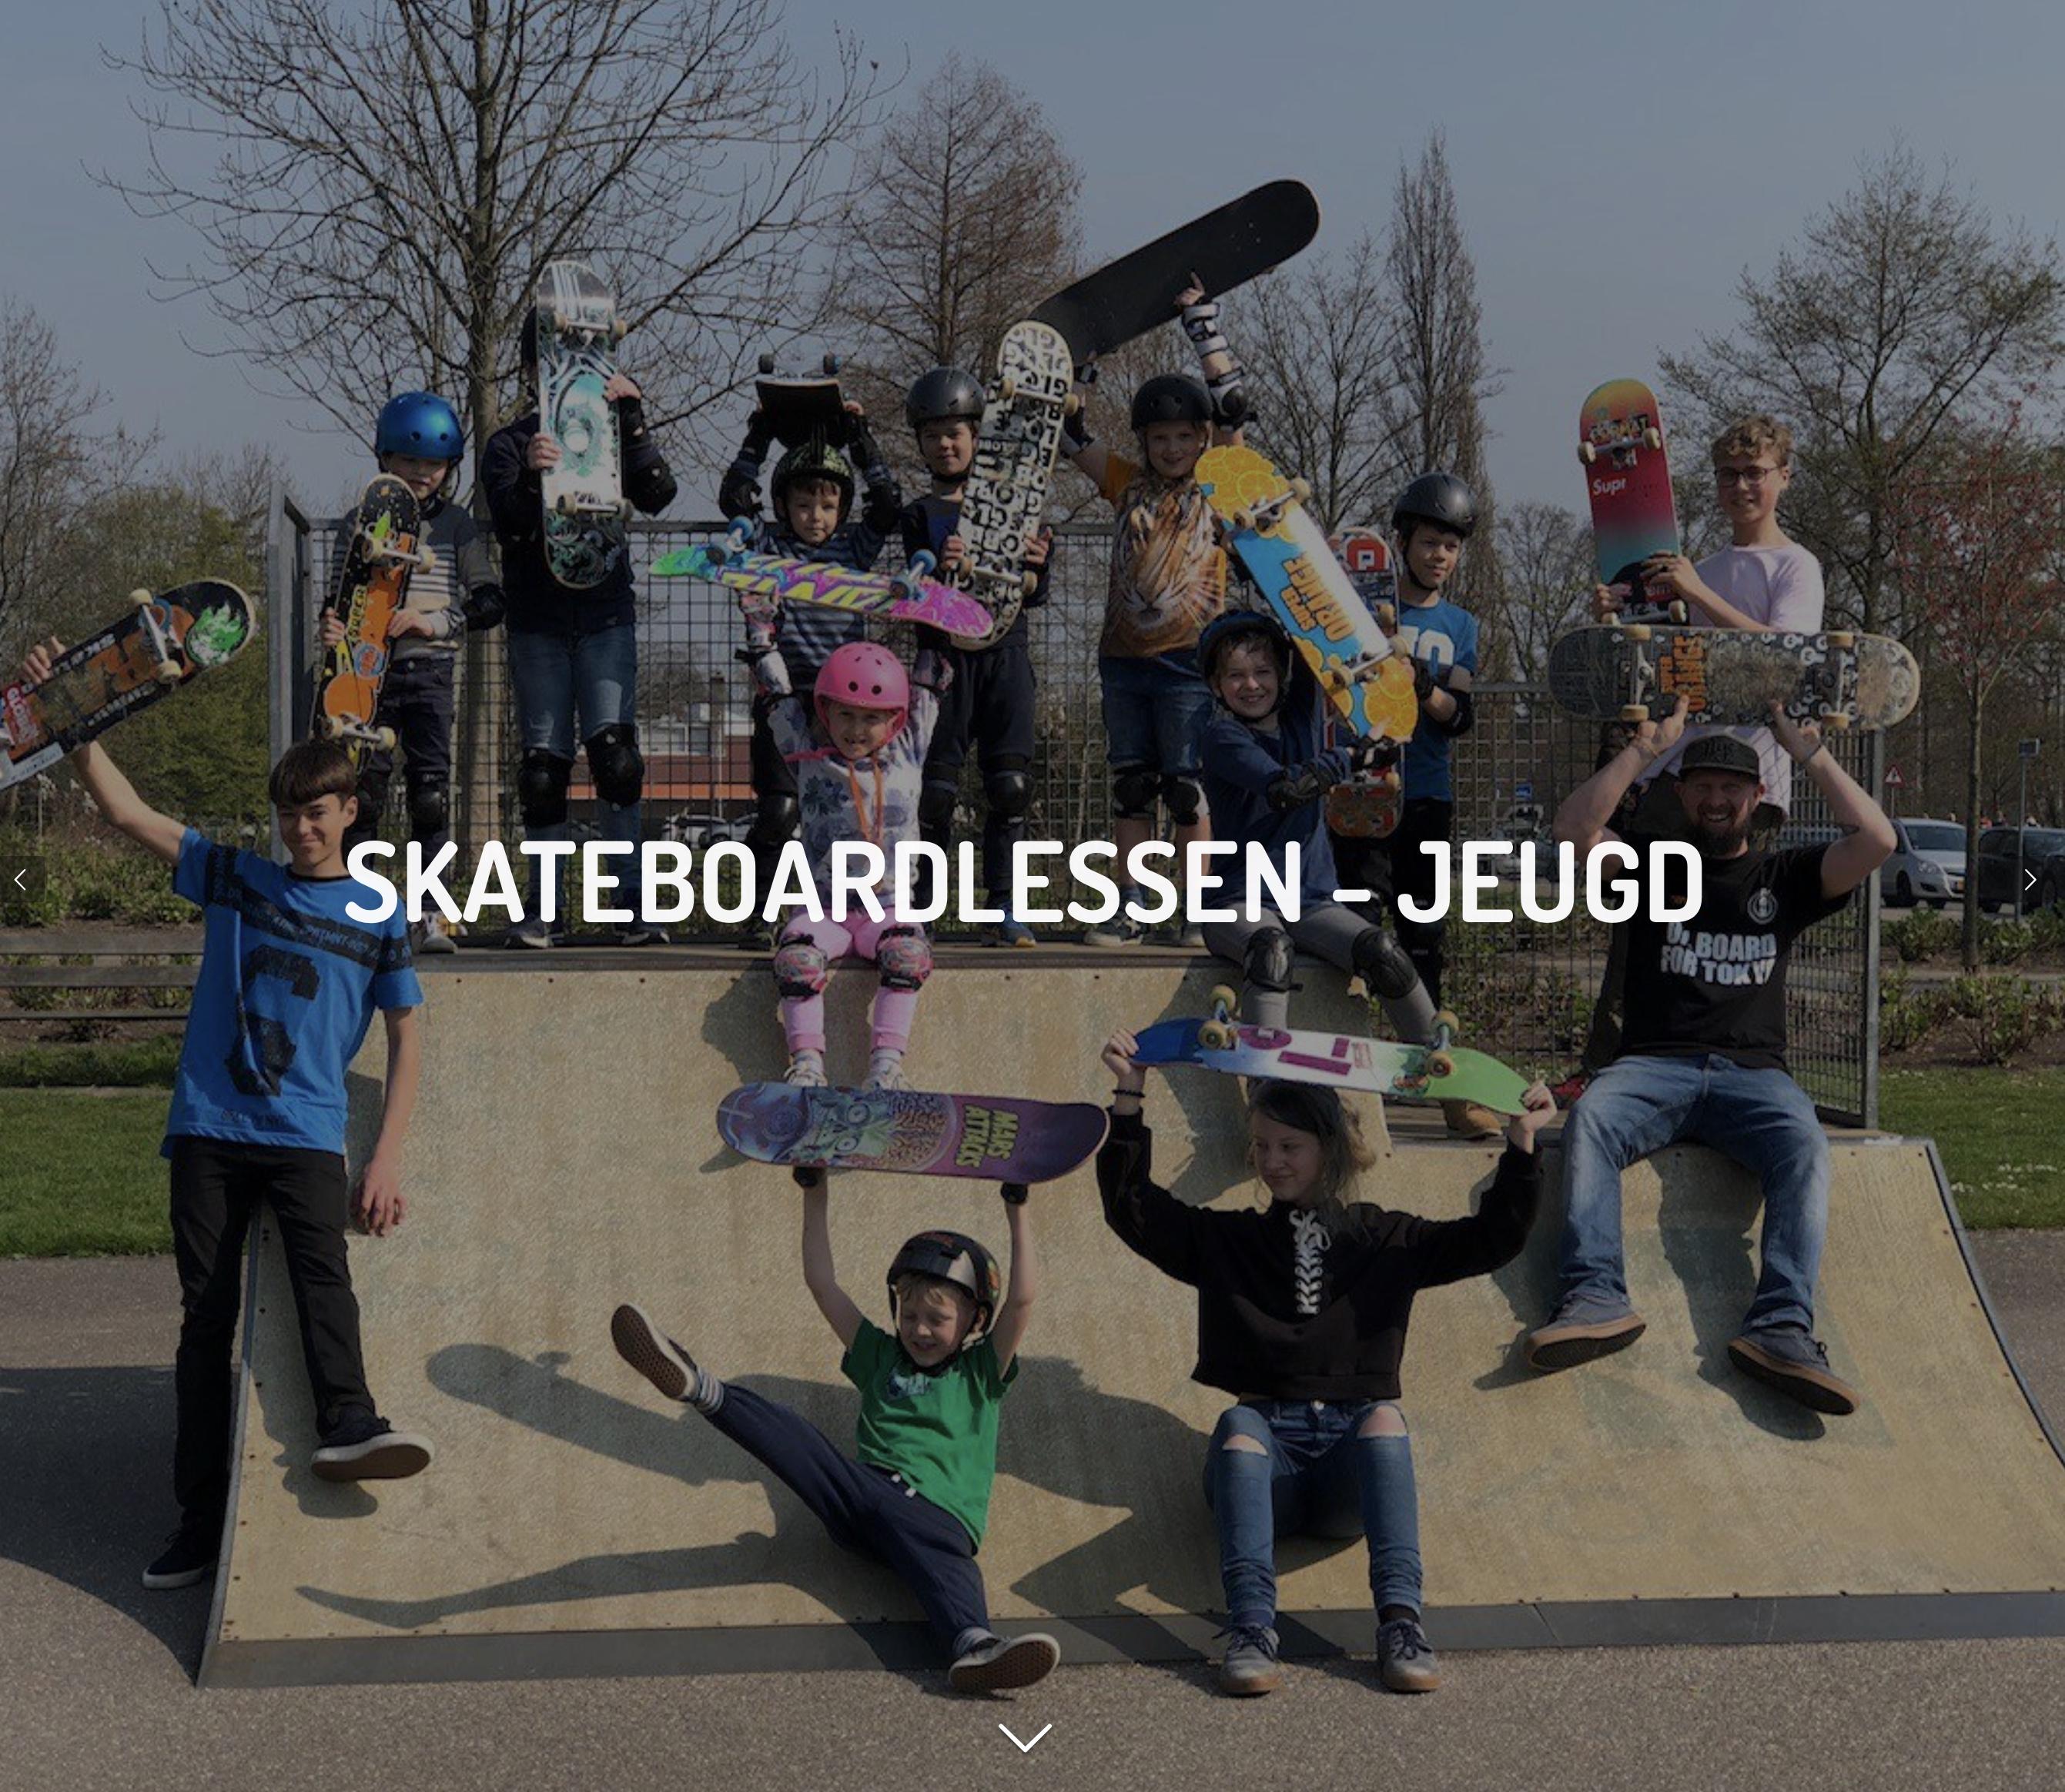 Skateboardlessen - jeugd: www.woodbehero.nl